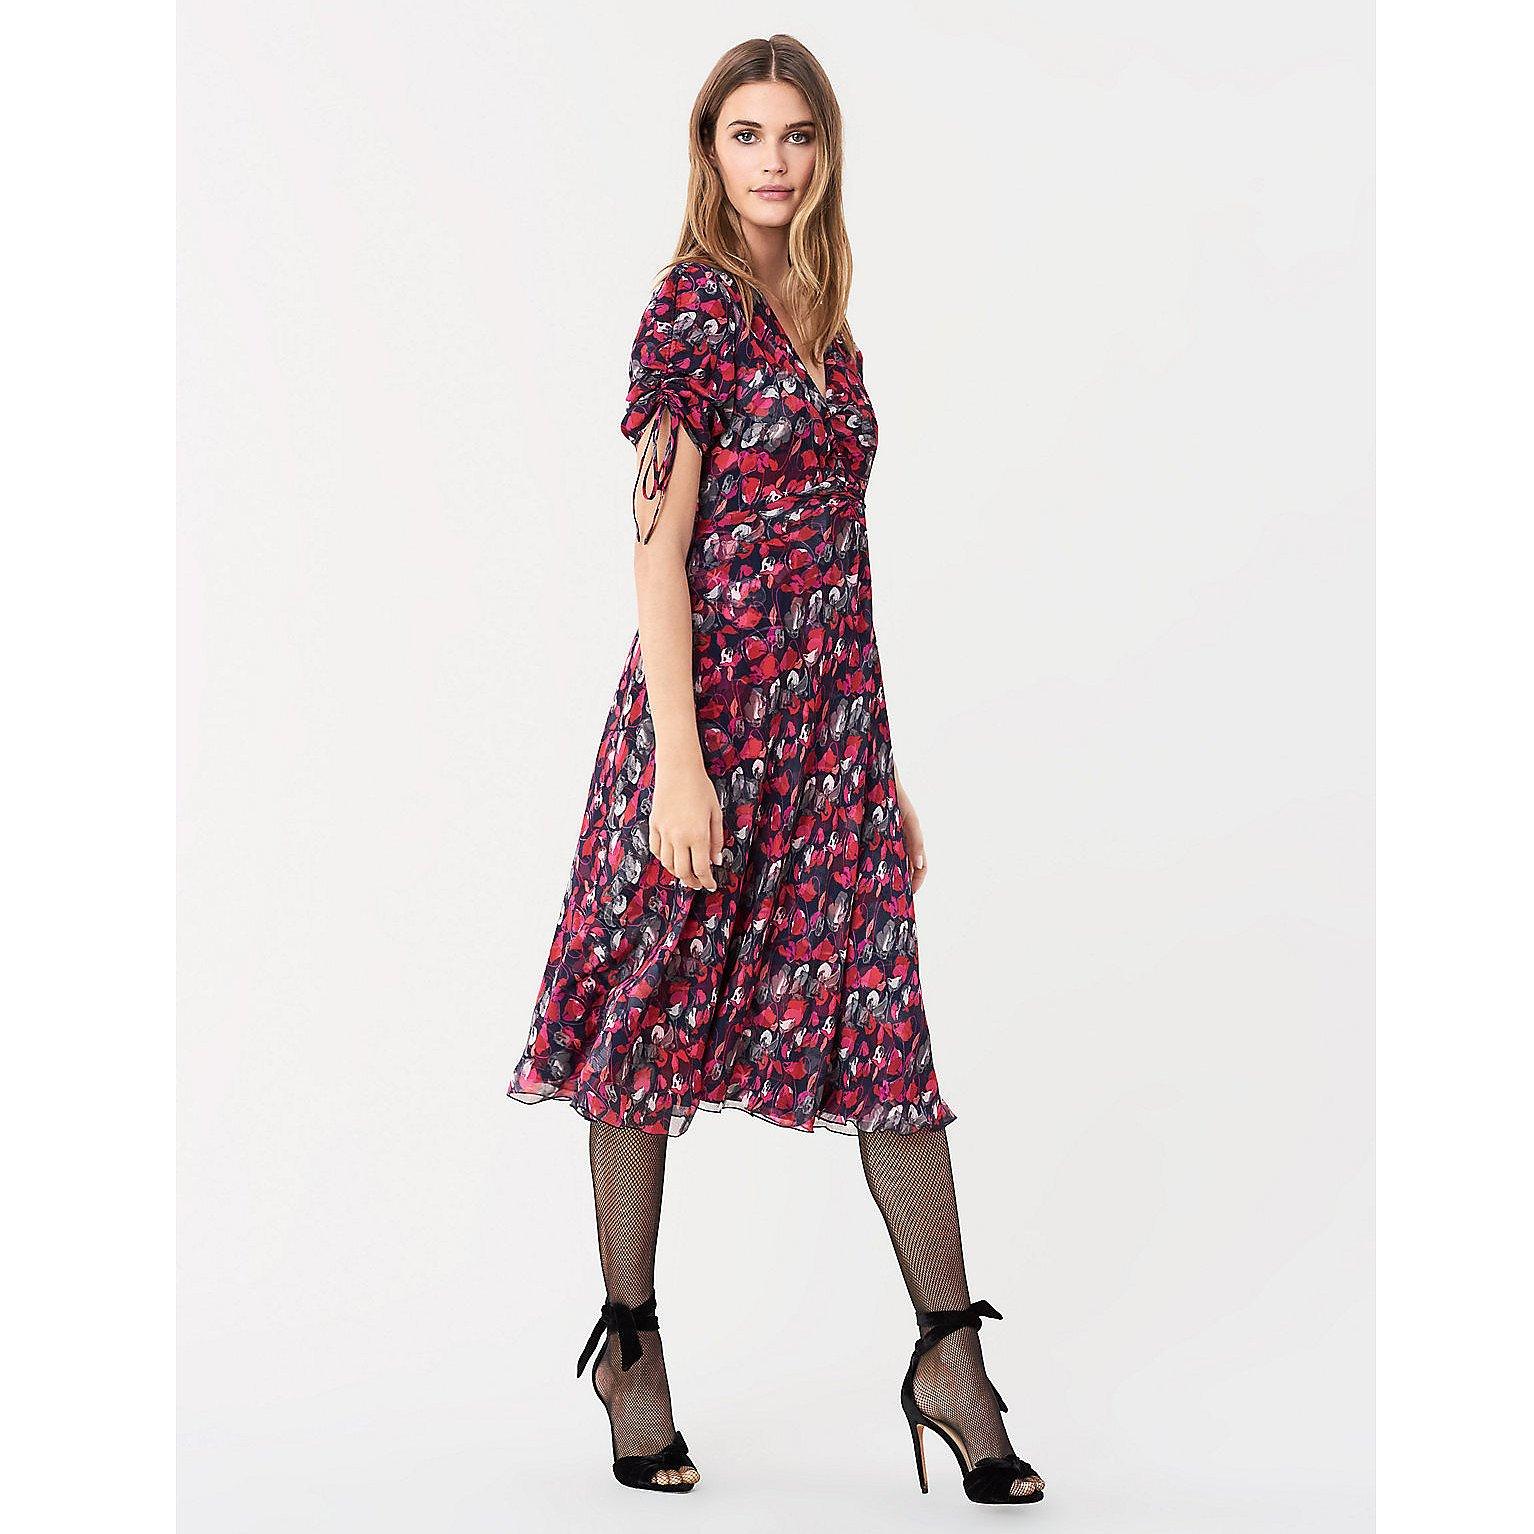 Diane von Furstenberg Eleonora Crinkle Chiffon Dress